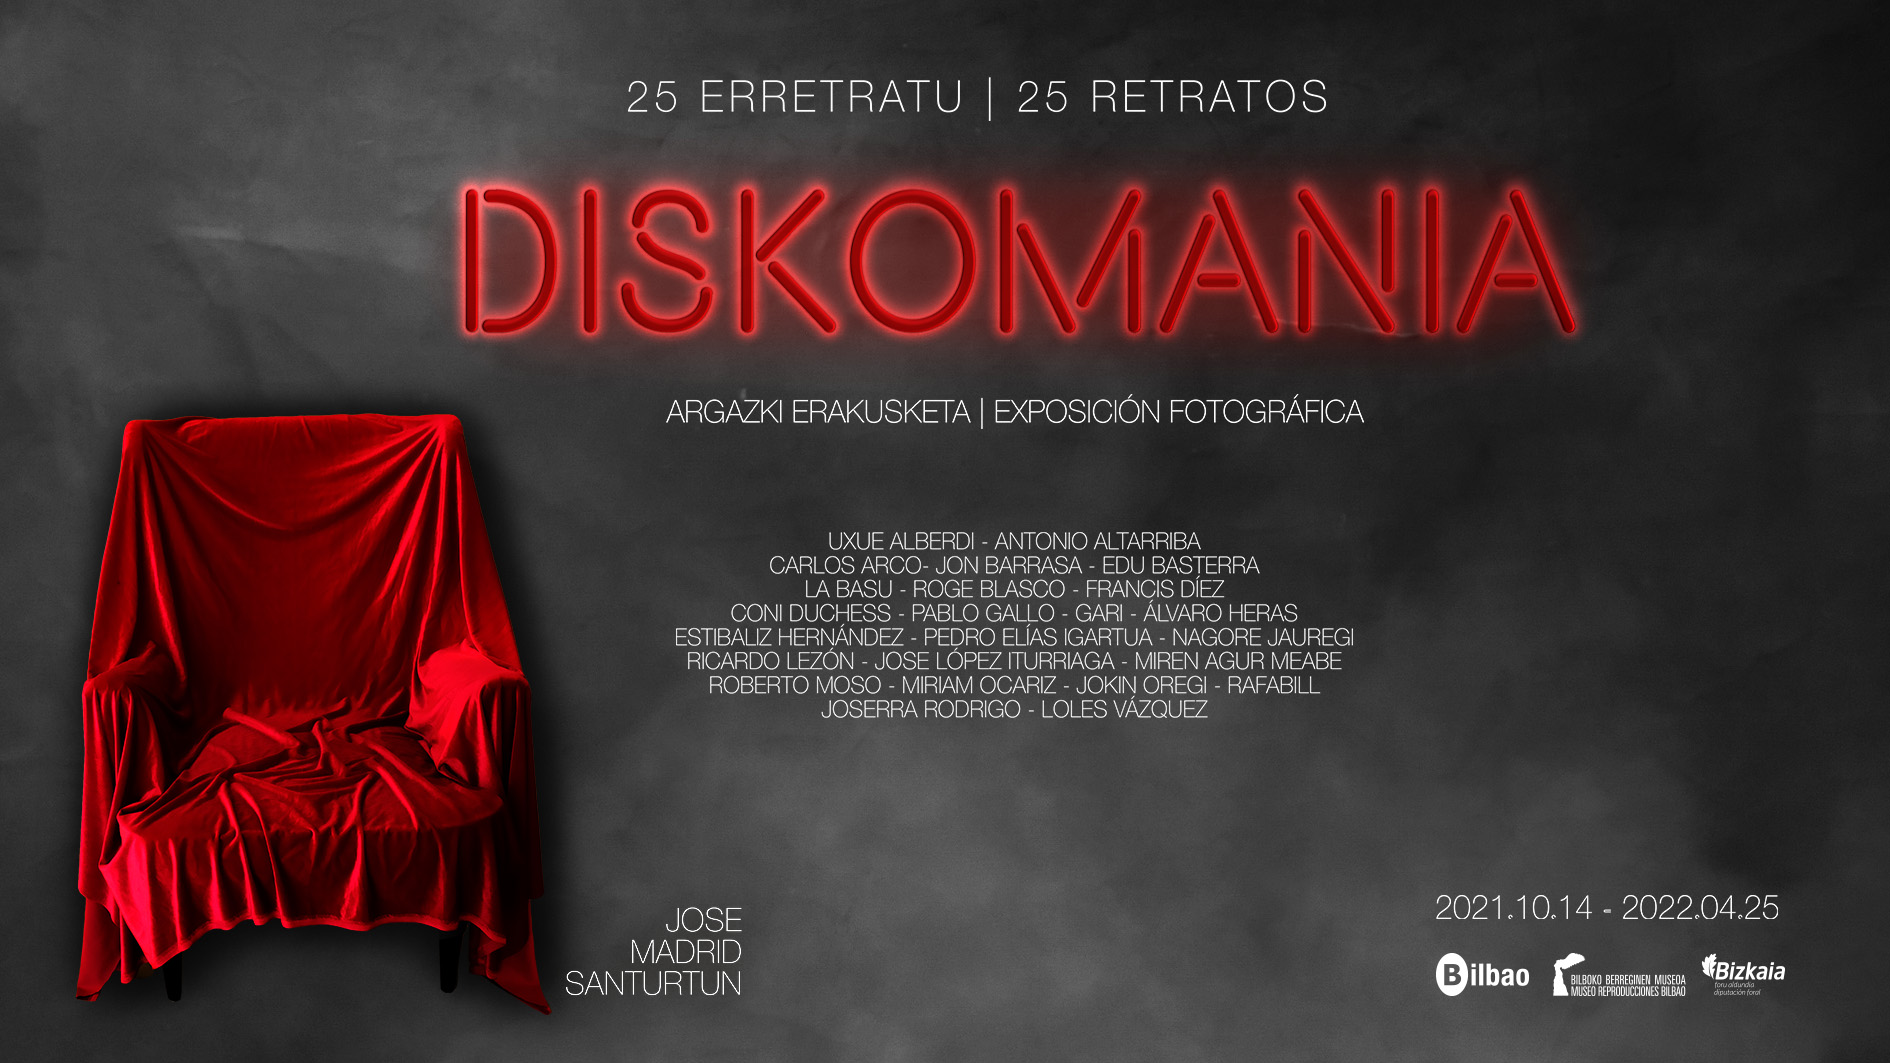 El Museo de Reproducciones de Bilbao inaugura una exposición fotográfica